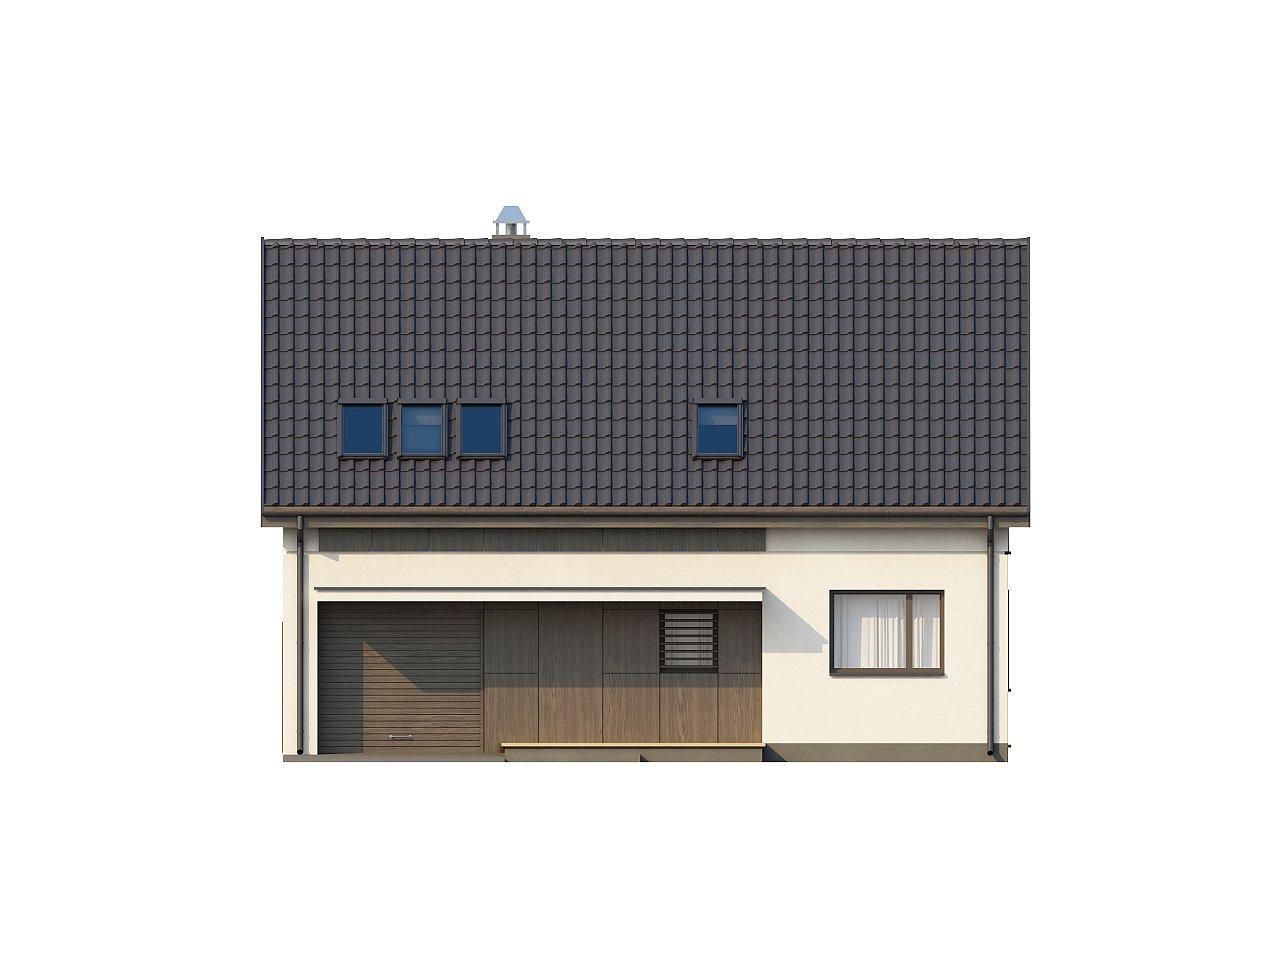 Функциональный традиционный дом с современными элементами в архитектуре, со встроенным гаражом. 13